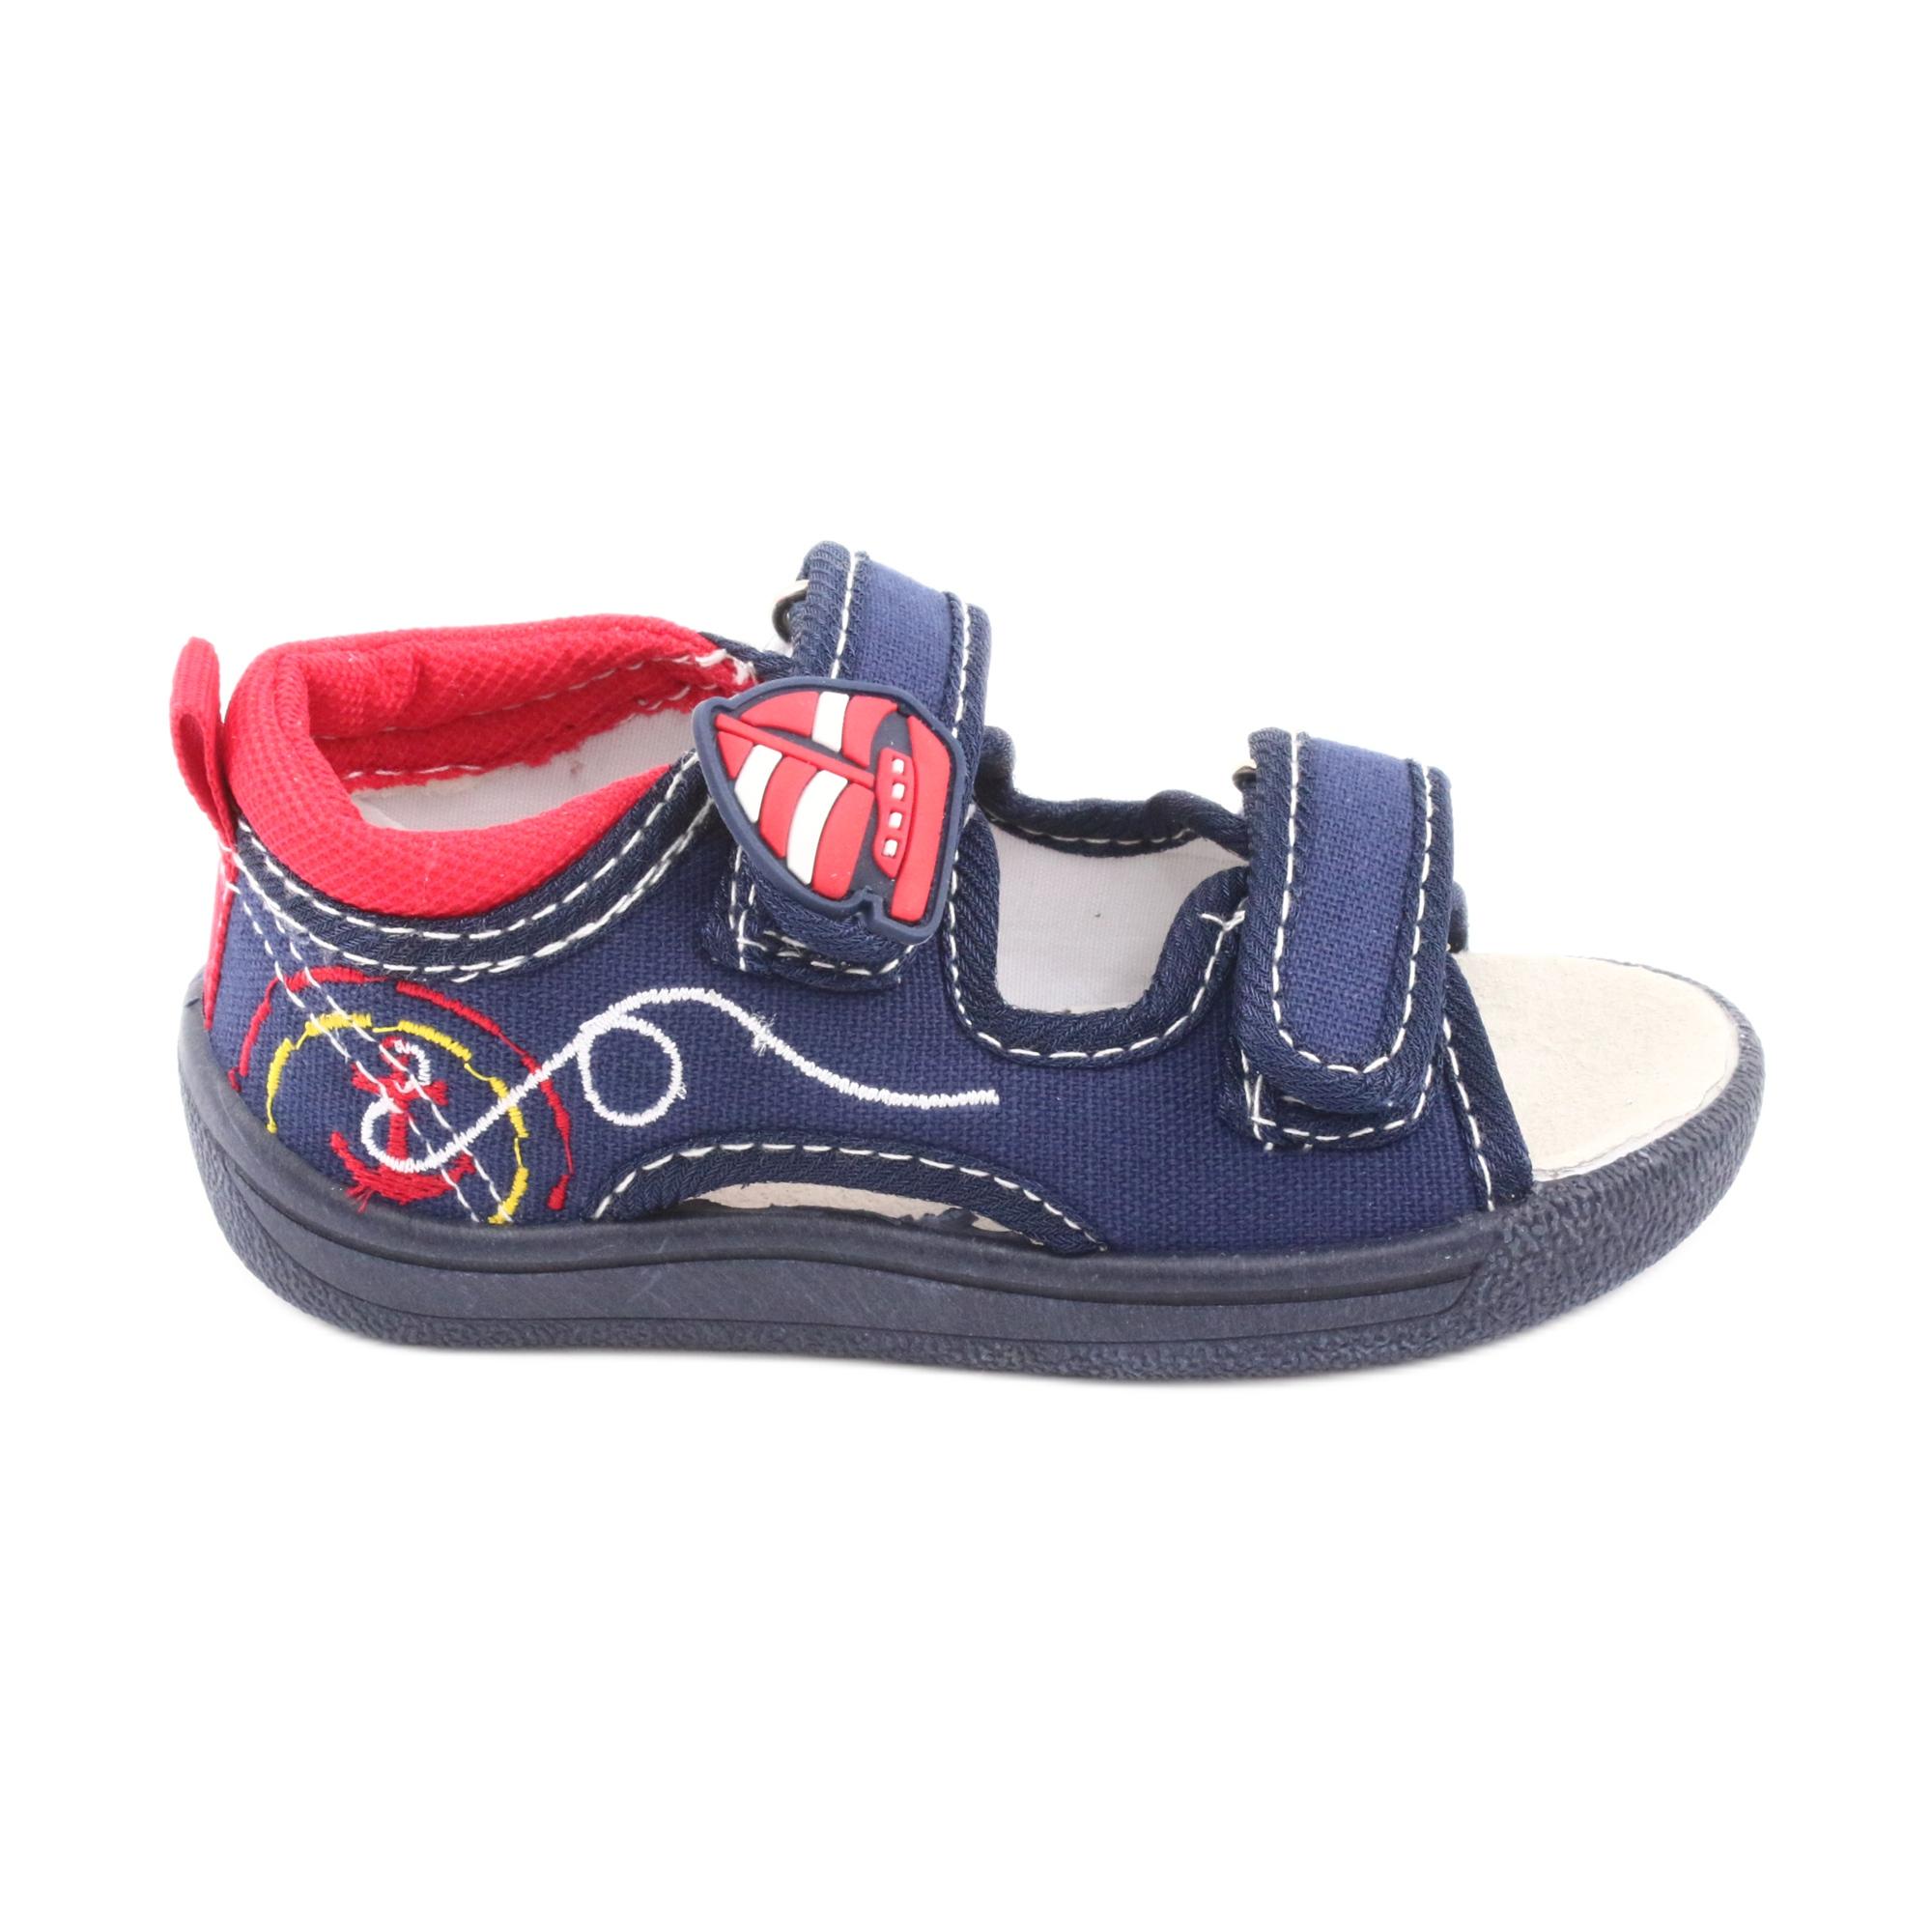 pas cher pour réduction c8977 33d60 American Club Sandales américaines chaussures enfants en cuir semelle